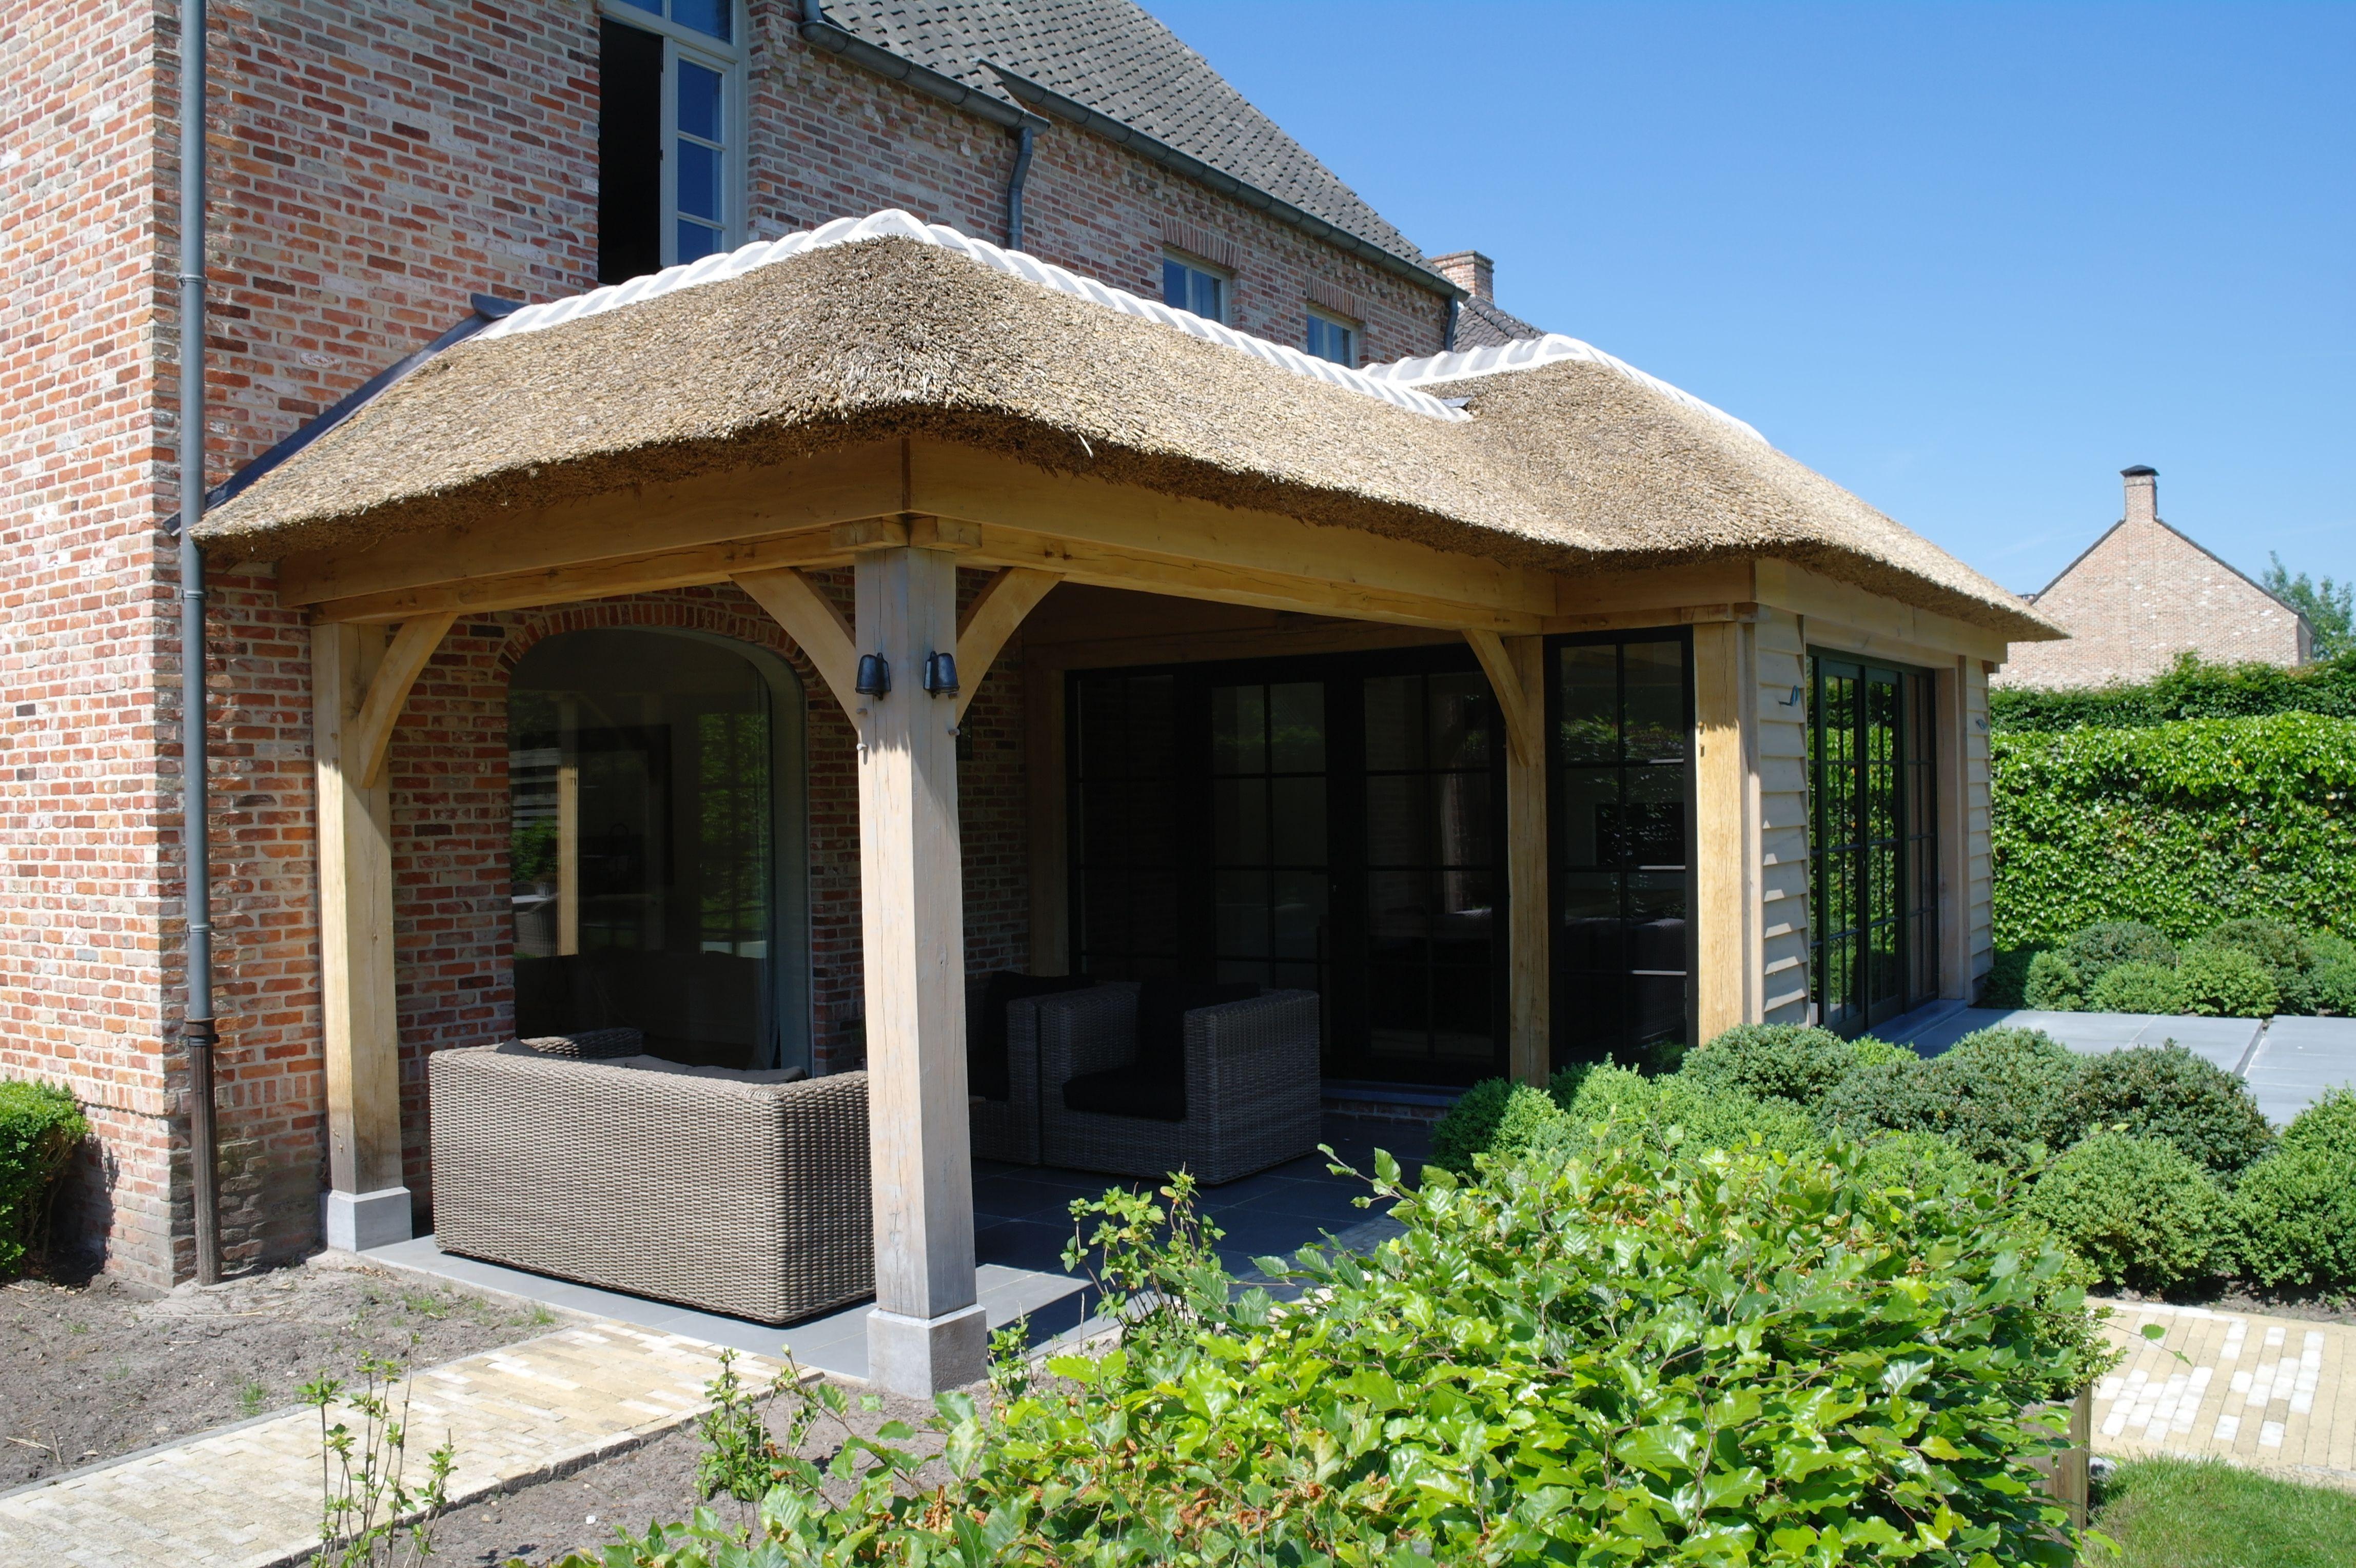 Overdekt terras met uitbreiding van de keuken voorzien van rieten dak en deels een plat dak - Uitbreiding keuken veranda ...